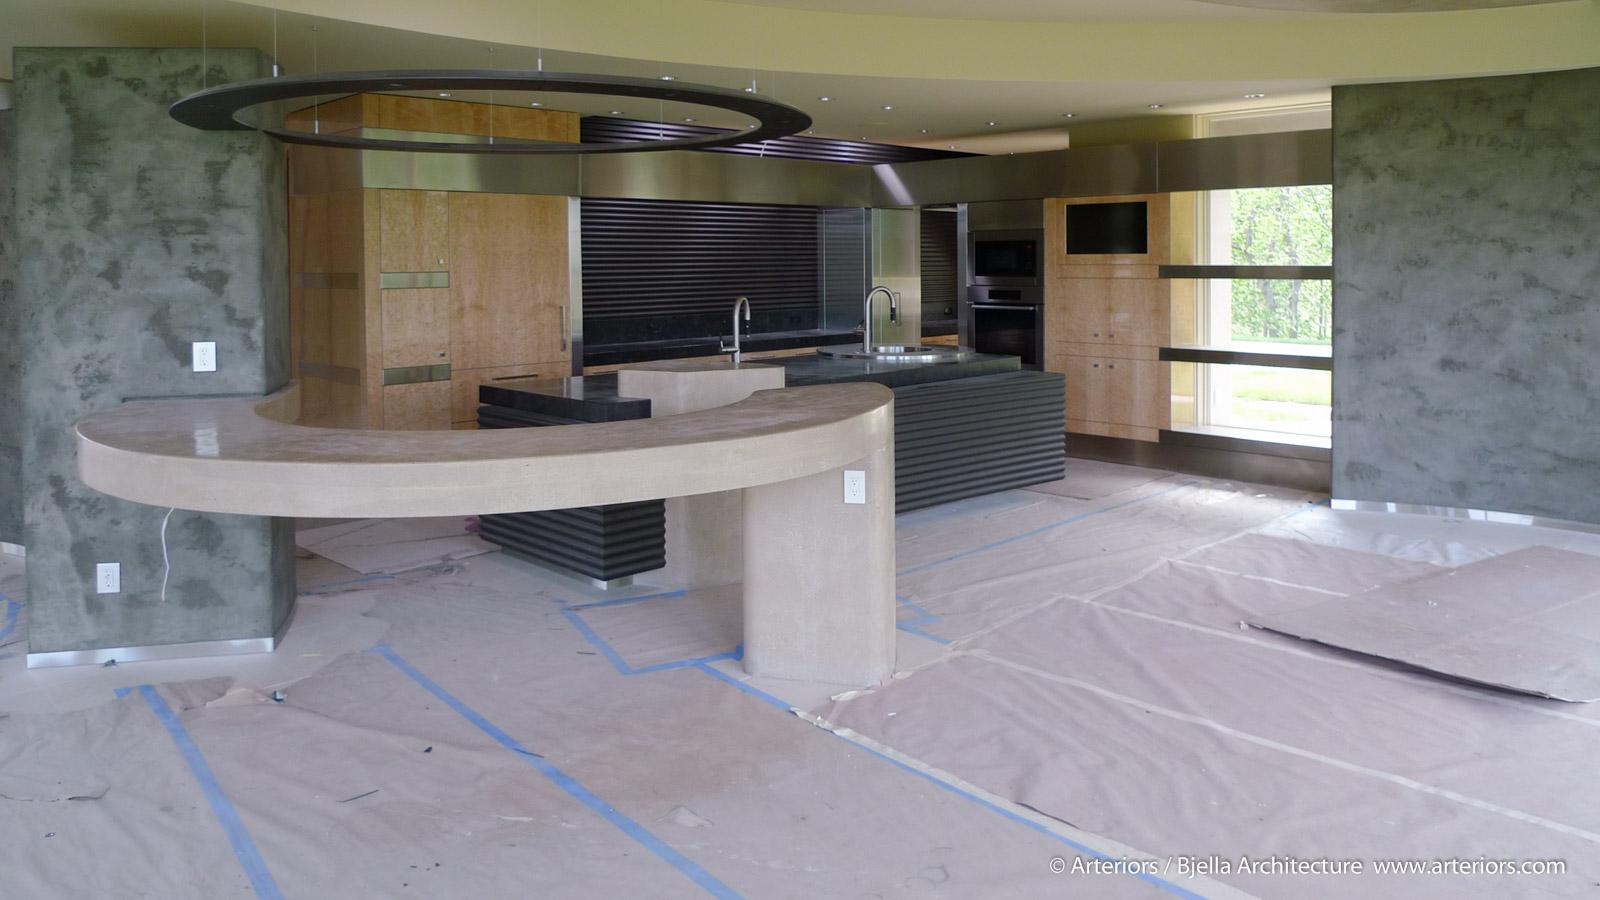 James Bond Kitchen - Construction Images-1